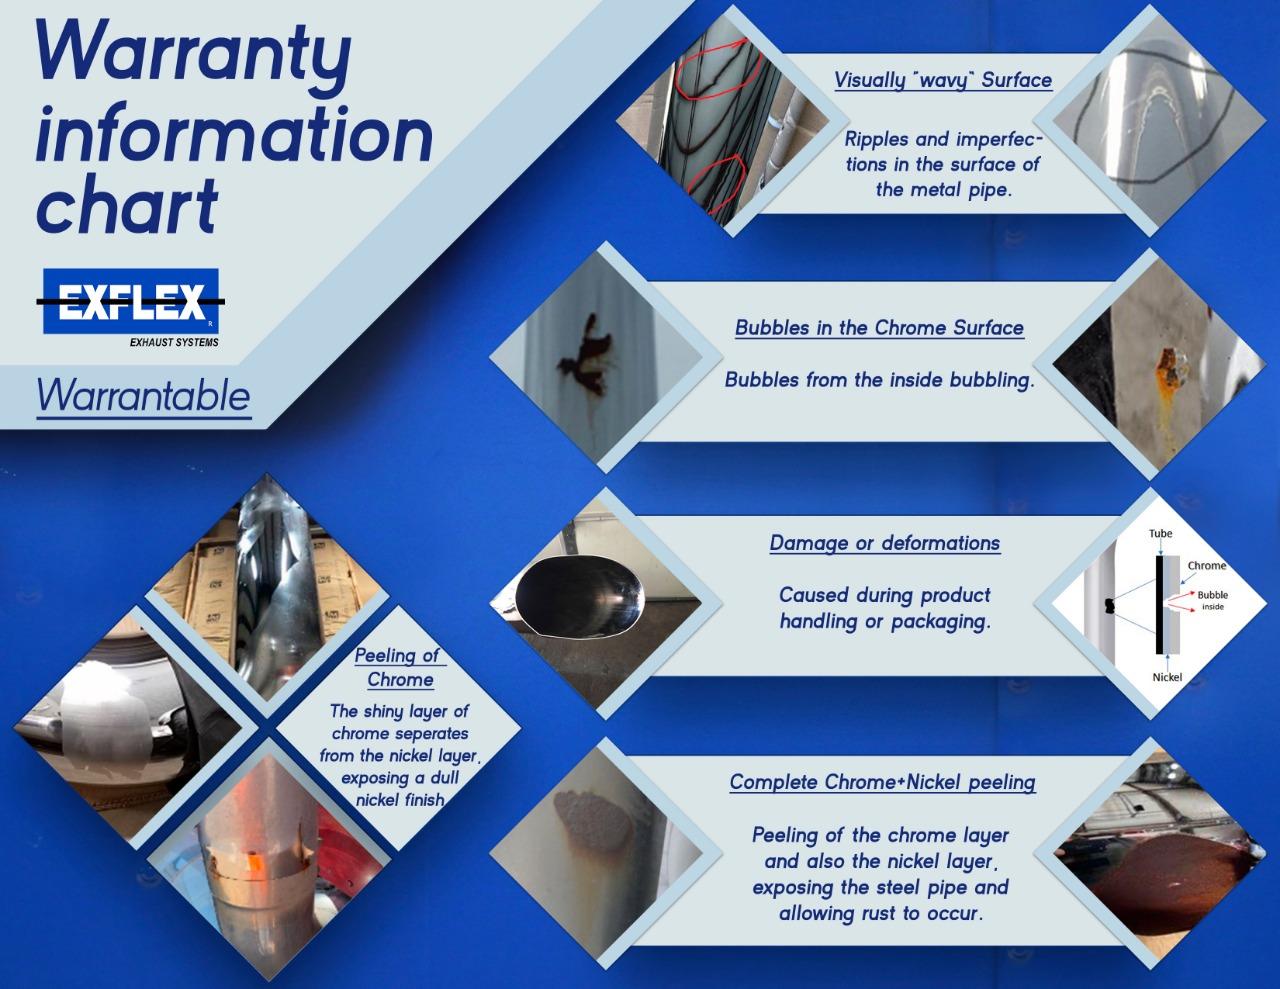 Warranty - ExflexChrome